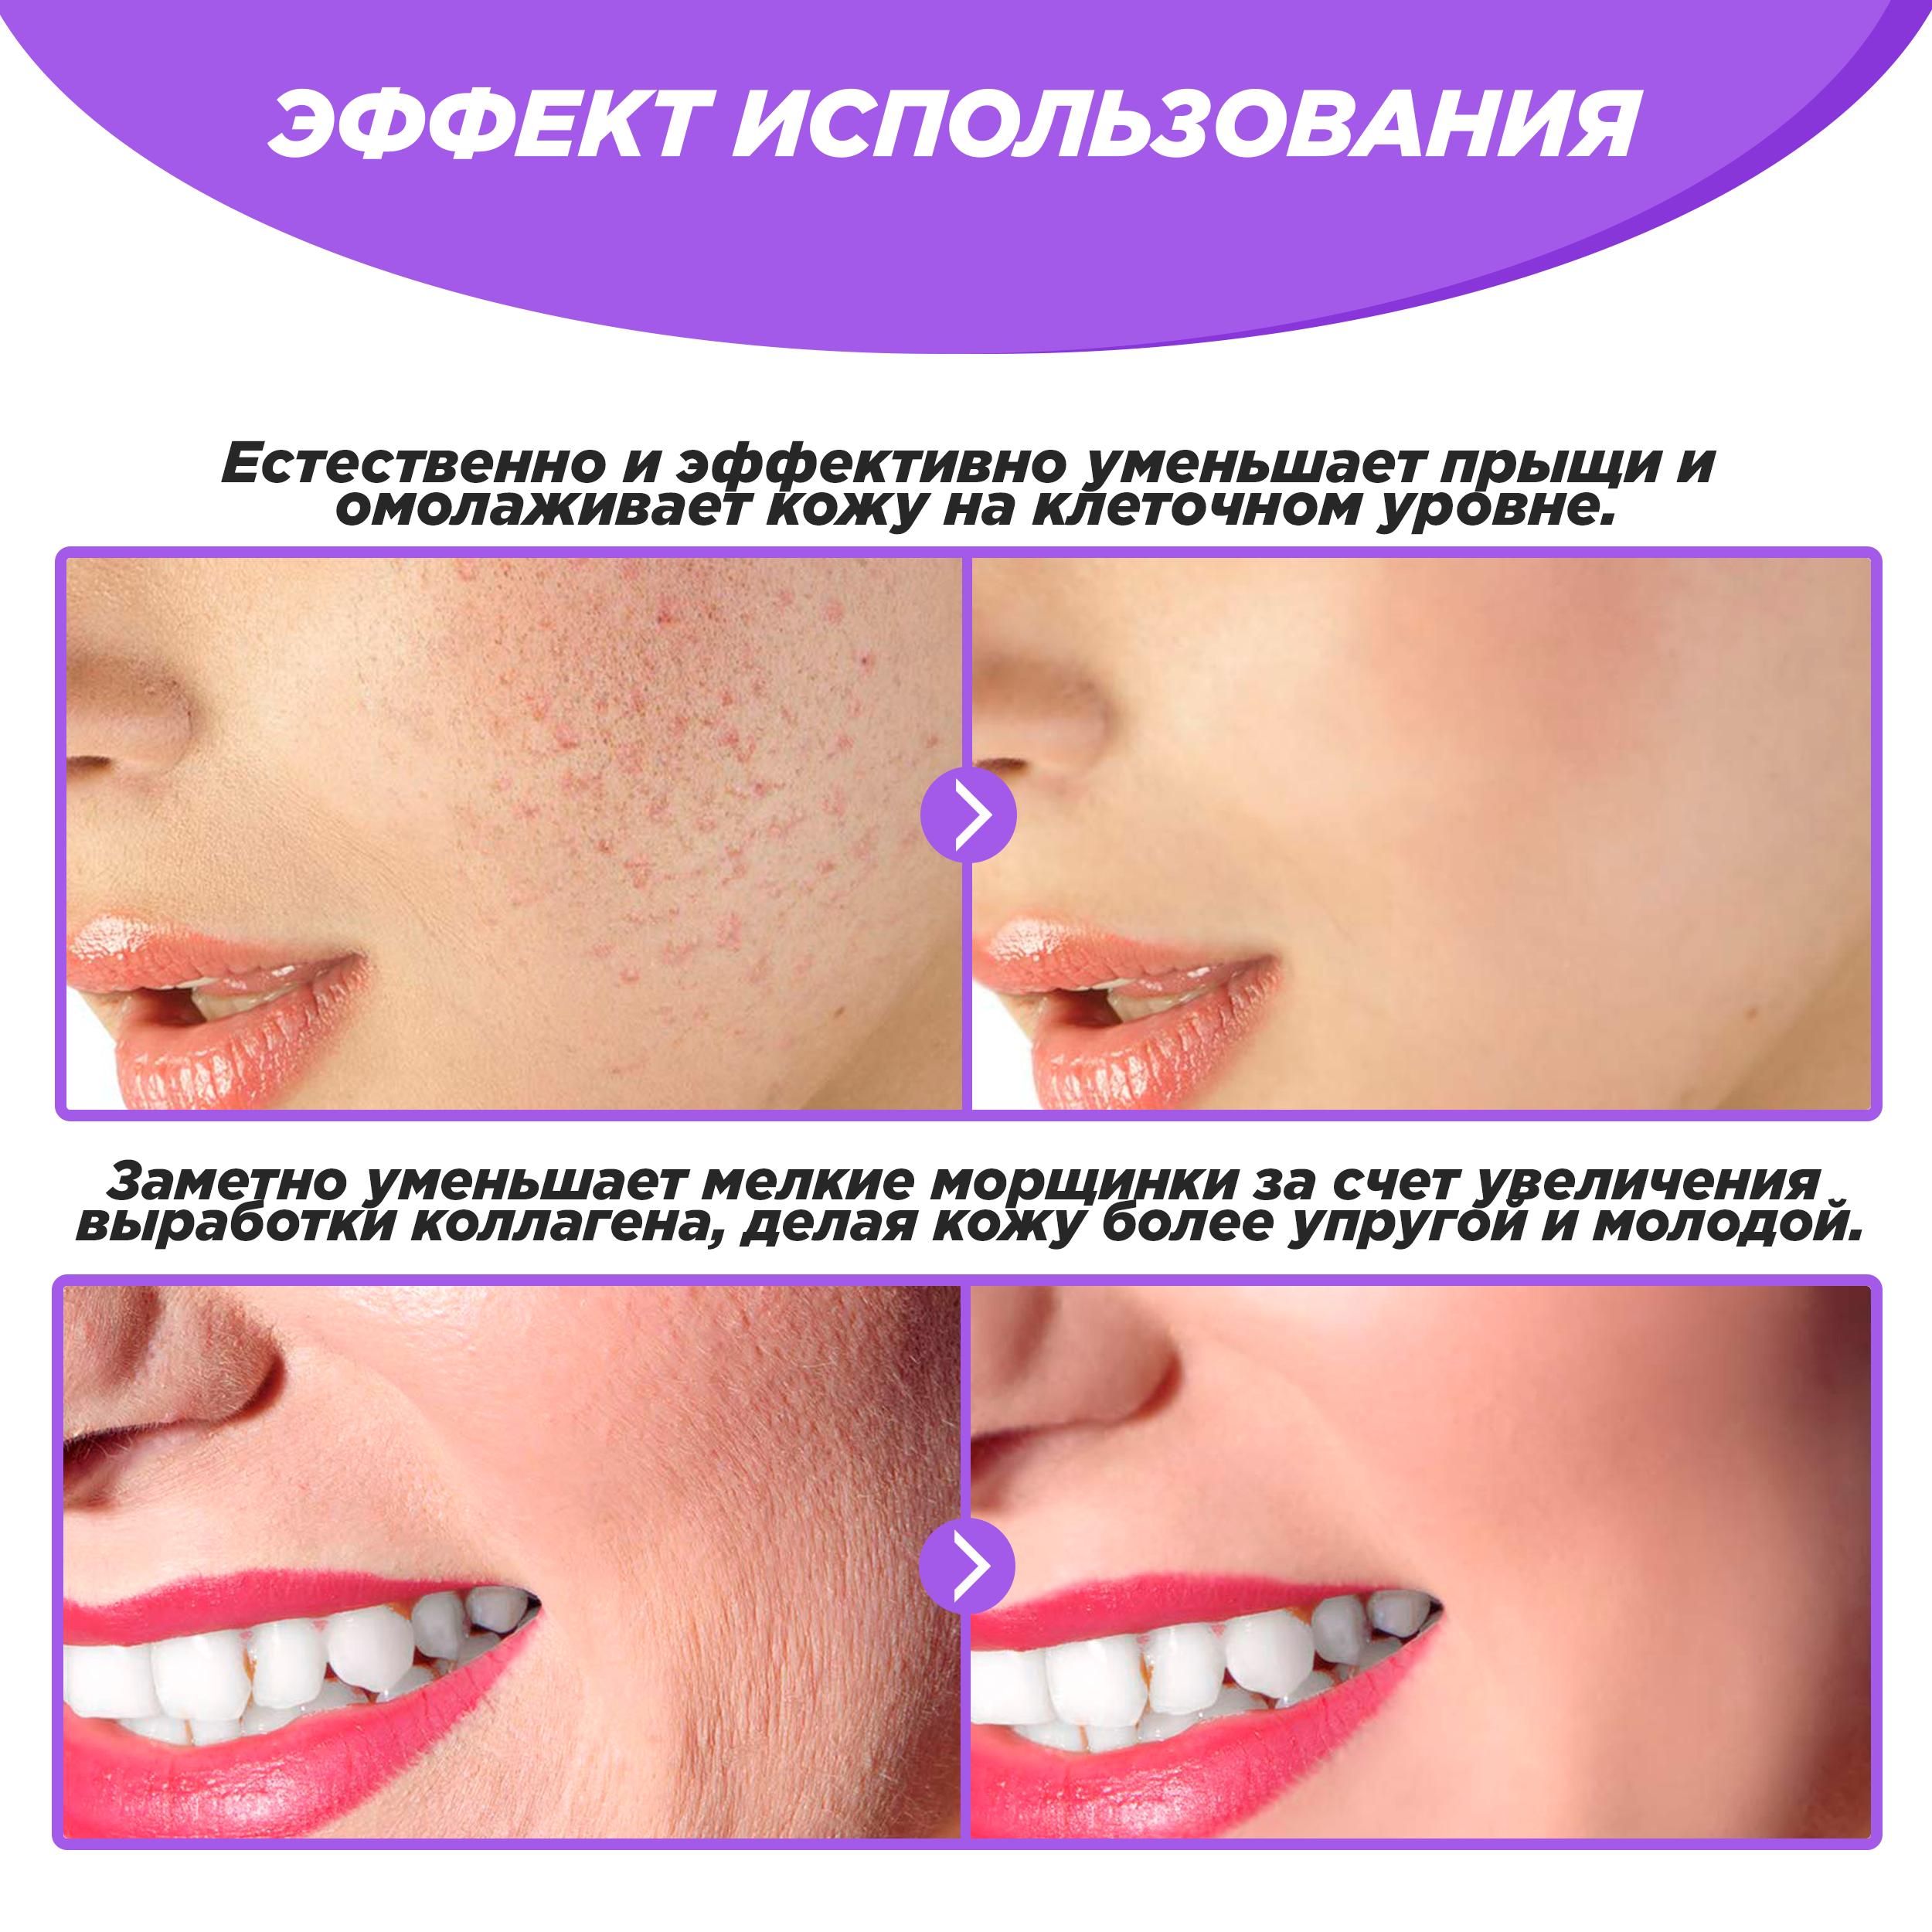 Фото Инфографика для товара